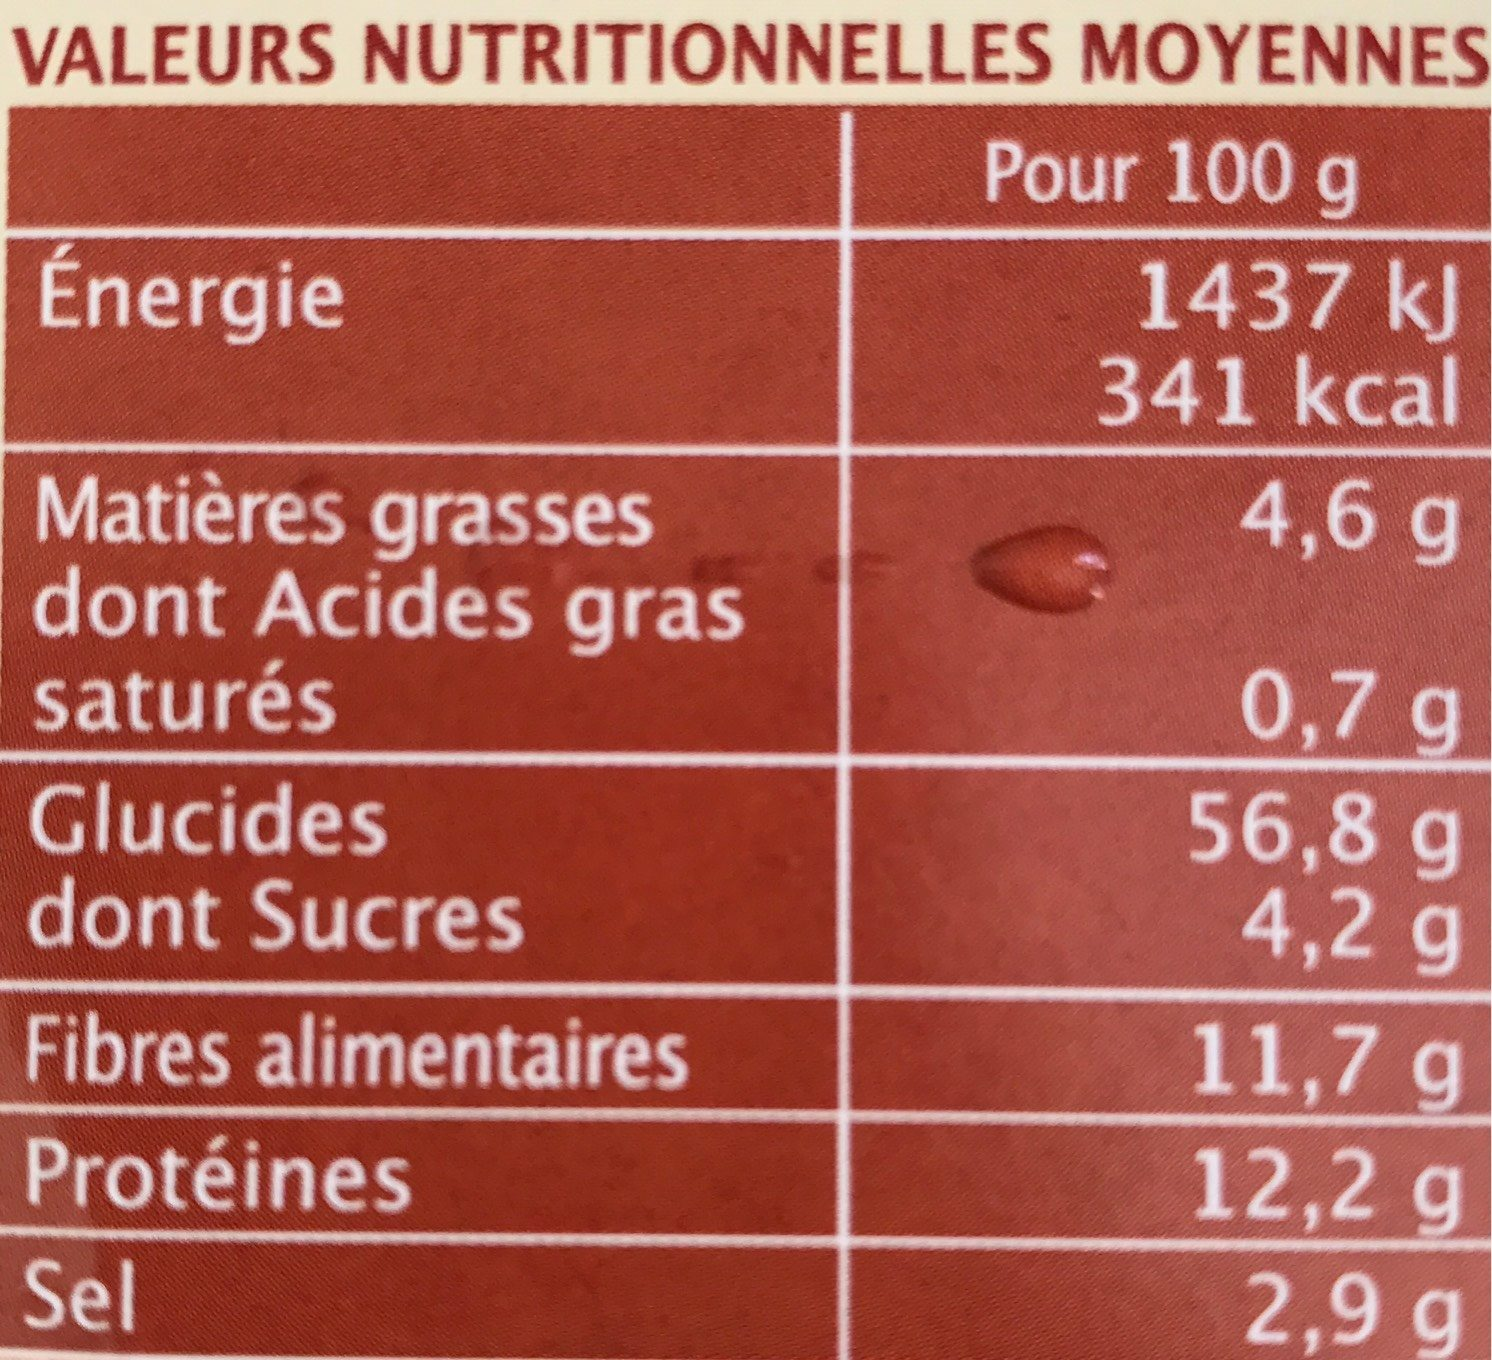 Préparation pour steaks veggie aux 3 céréales - Nutrition facts - fr